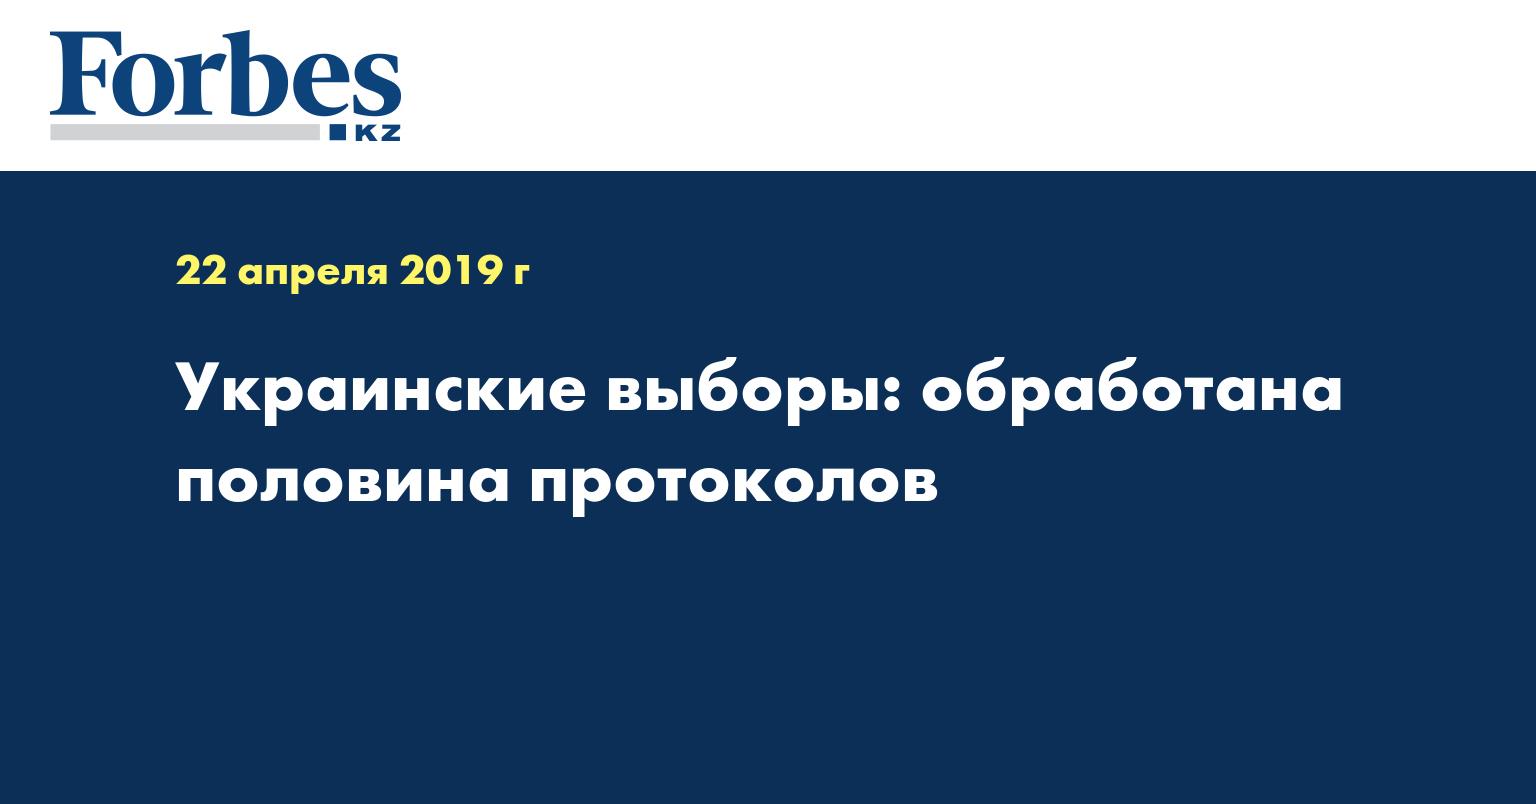 Украинские выборы: обработана половина протоколов